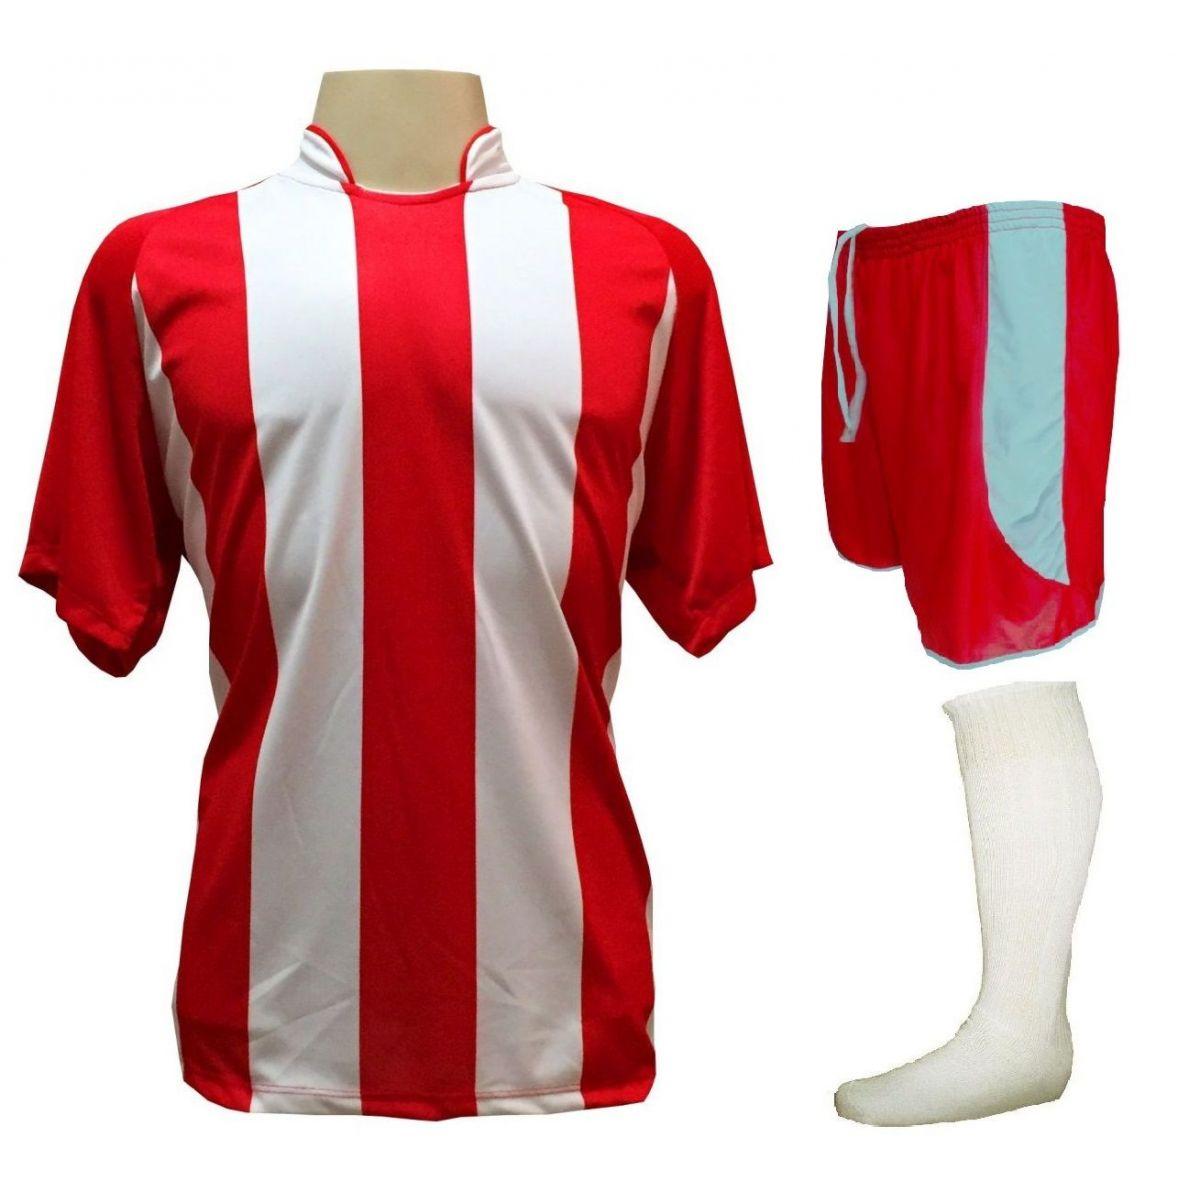 eb7c7107a912 Uniforme Esportivo com 18 camisas modelo Milan Vermelho/Branco + 18 calções  modelo Copa Vermelho